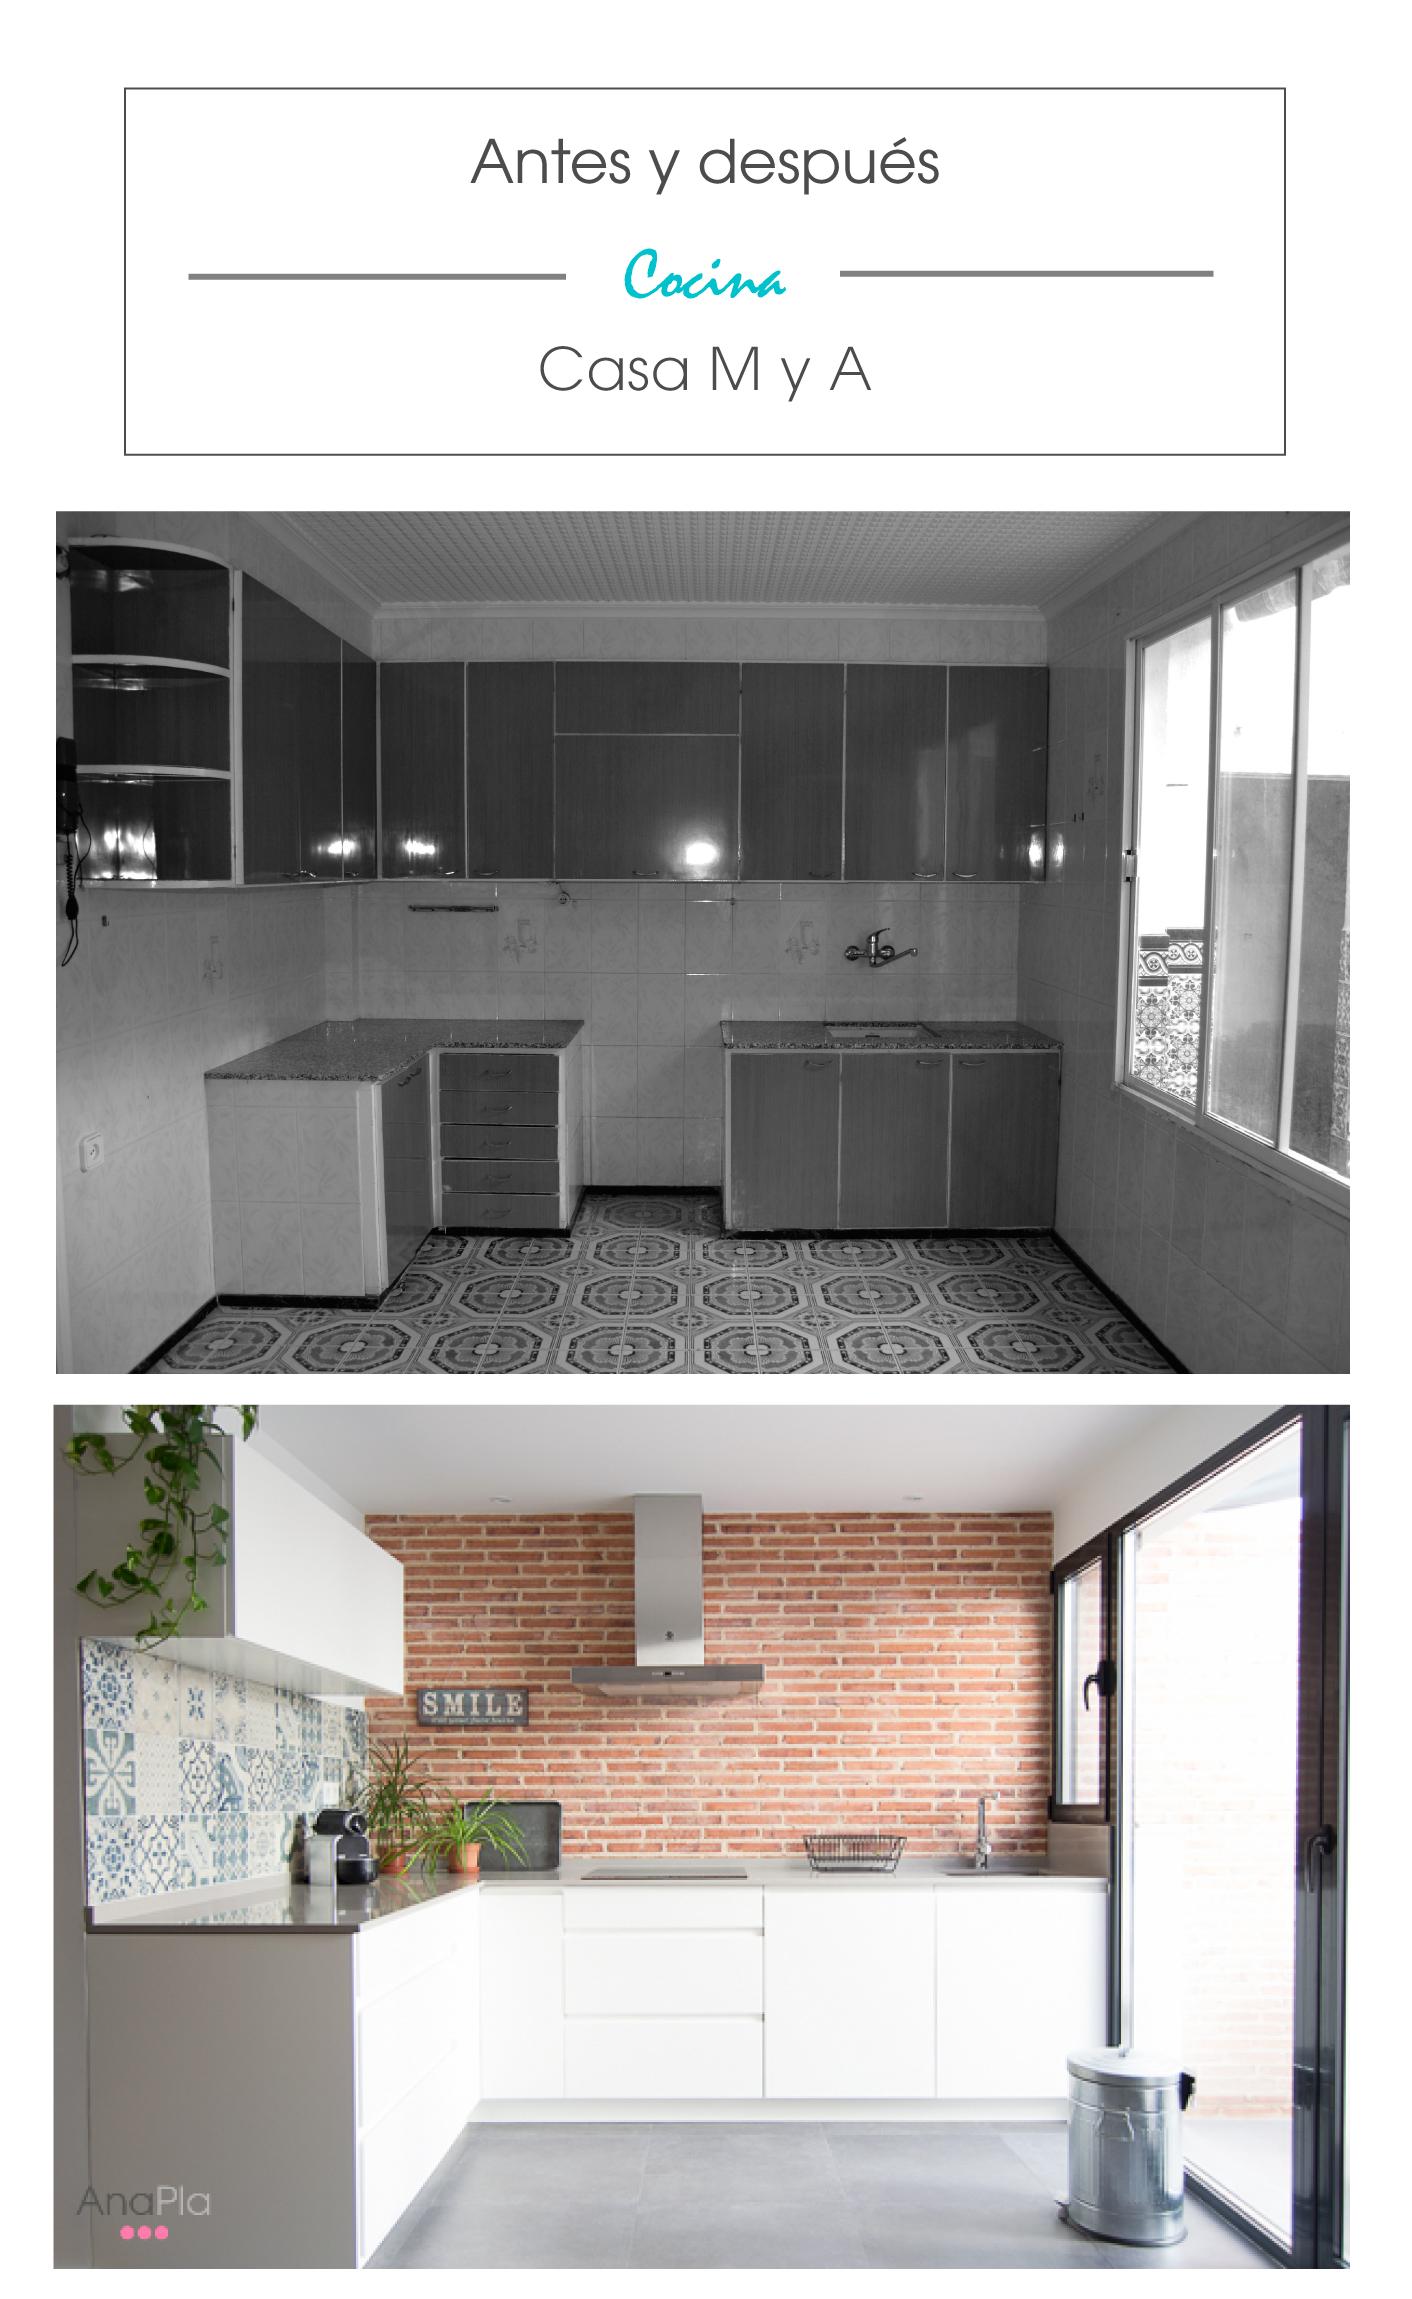 Antes y después: Cocina #casaMyA